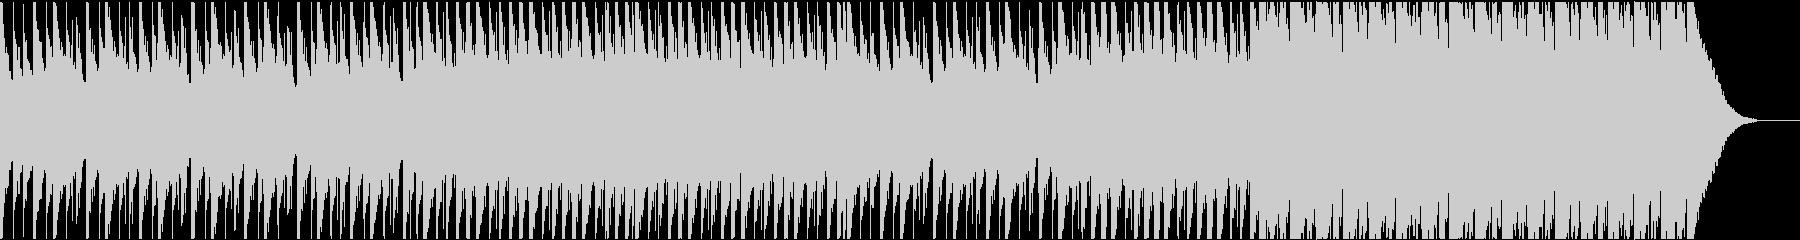 声素材なし版 無機質なミニマルトラックの未再生の波形